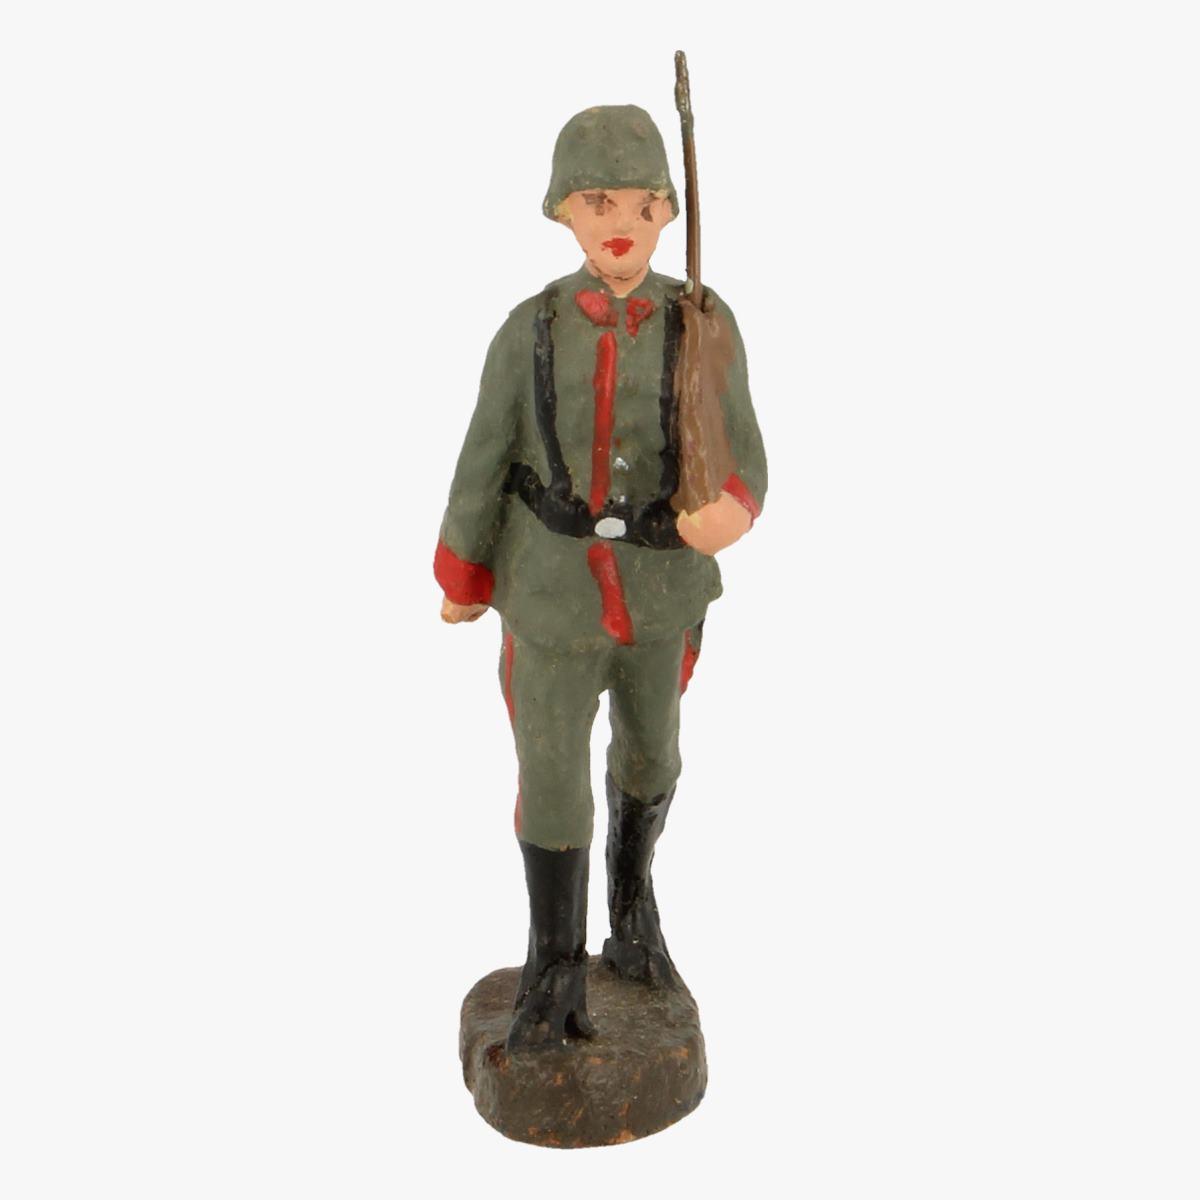 Afbeeldingen van elastolin soldaatje estolin